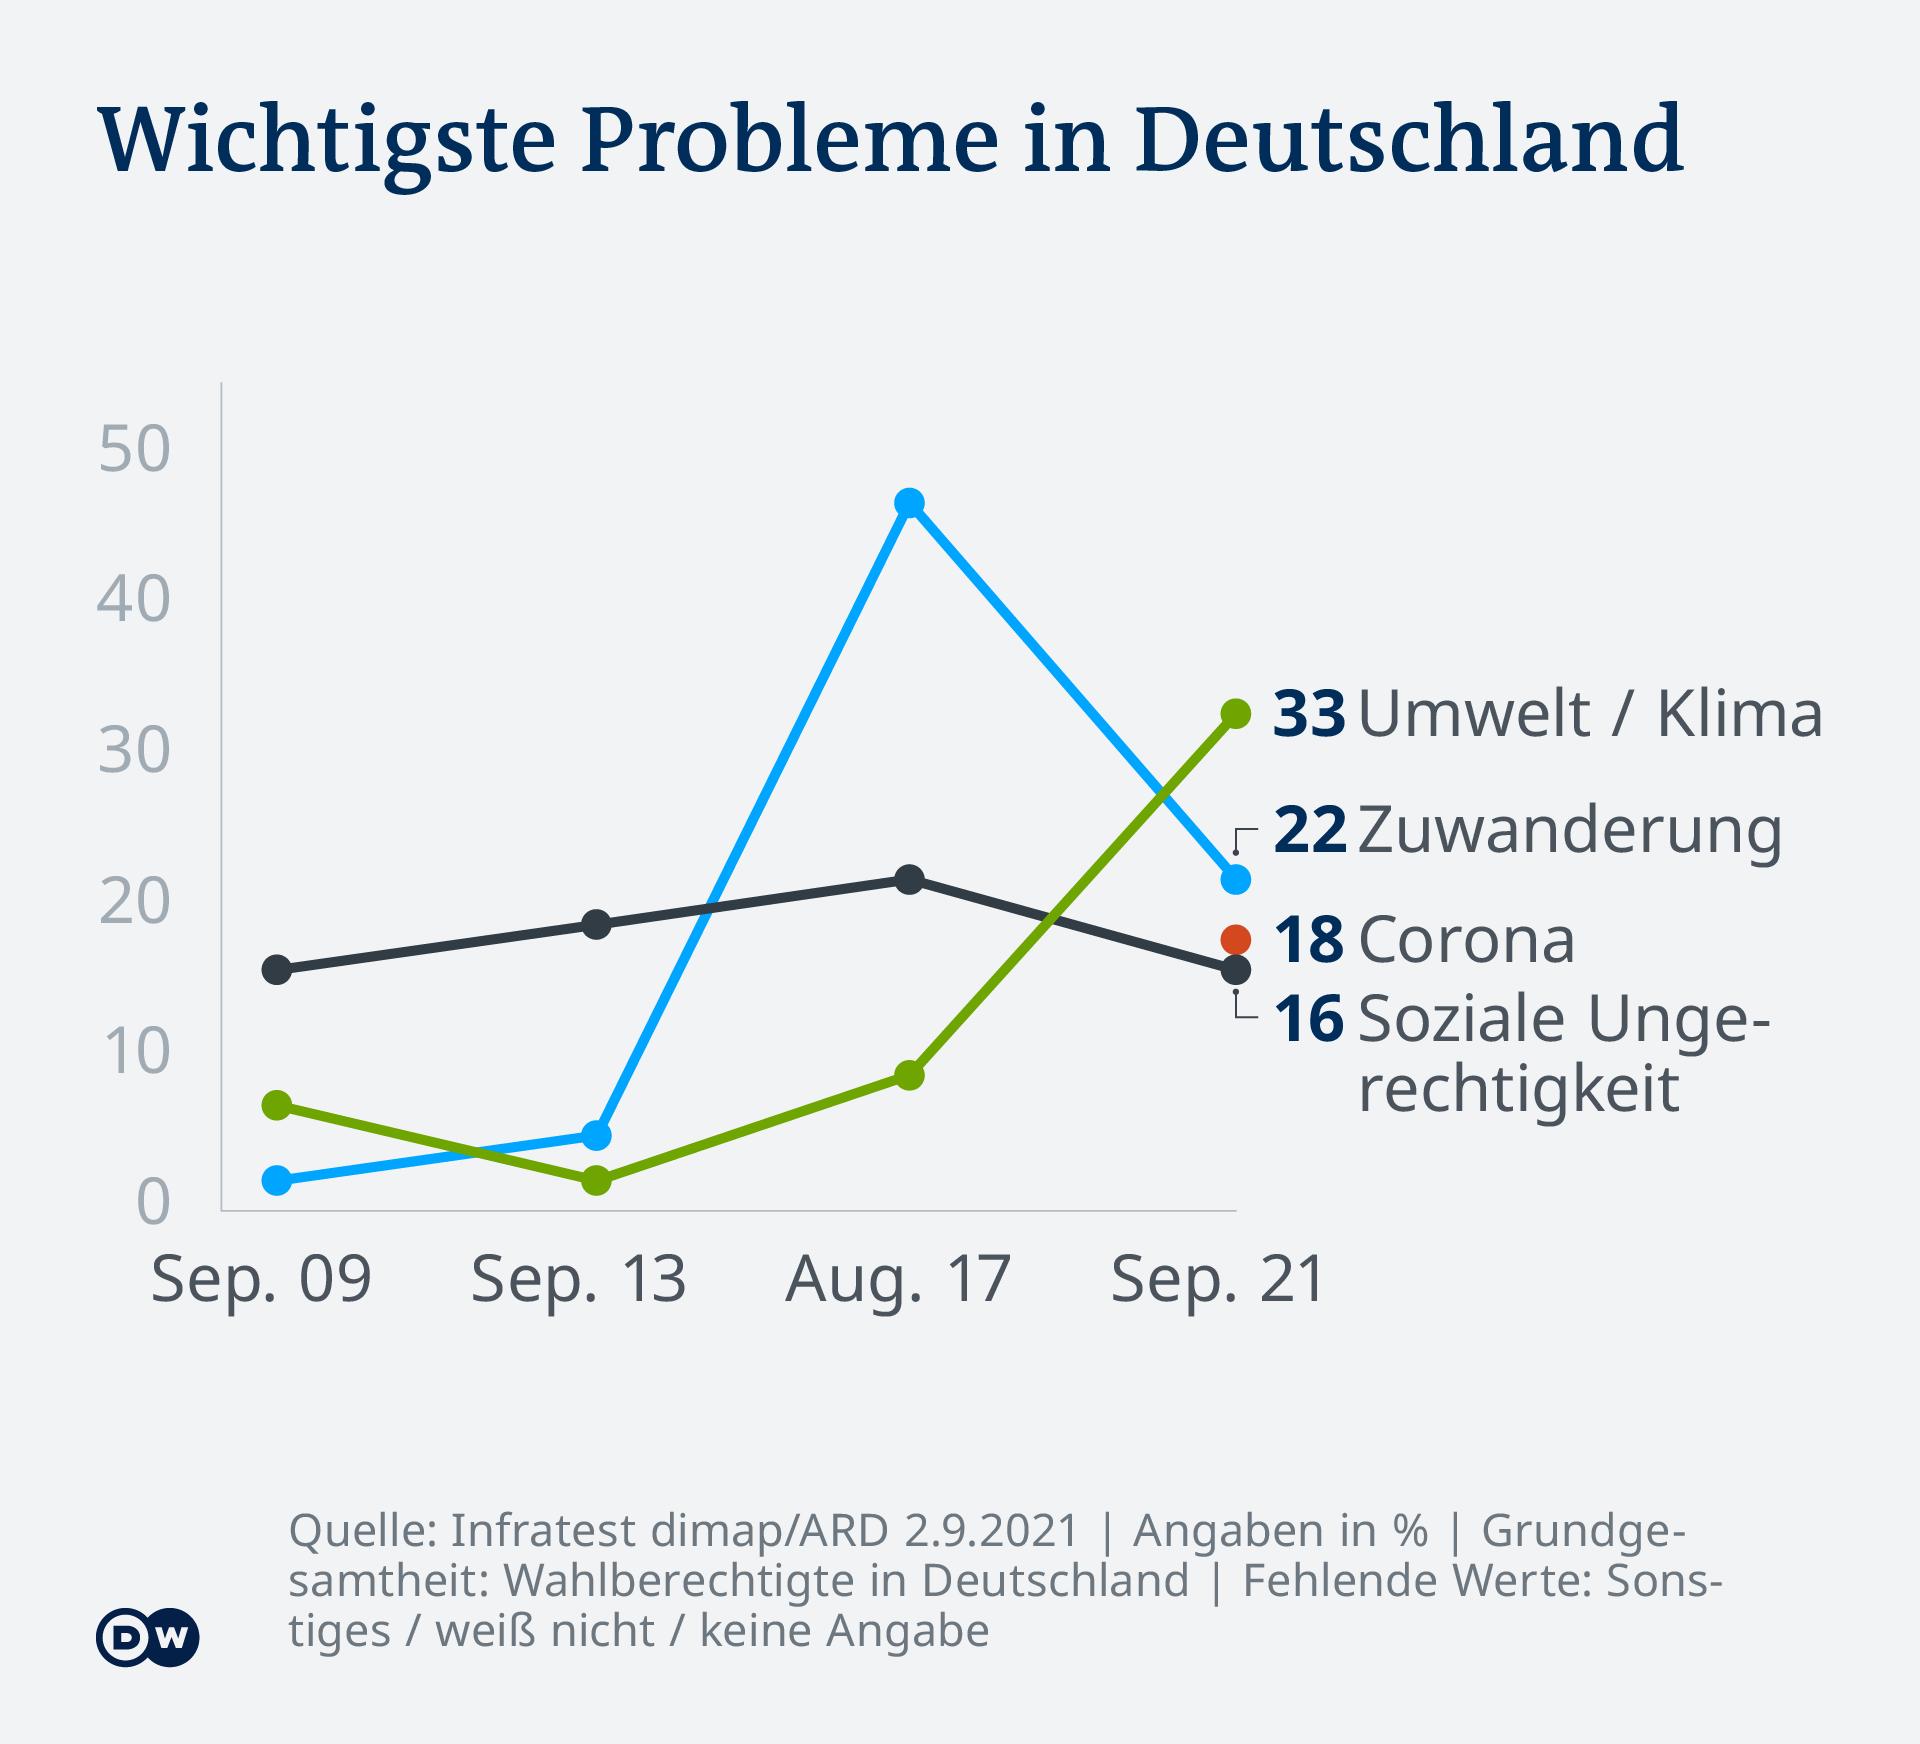 Infografik Deutschlandtrend Wichtigste Probleme DE